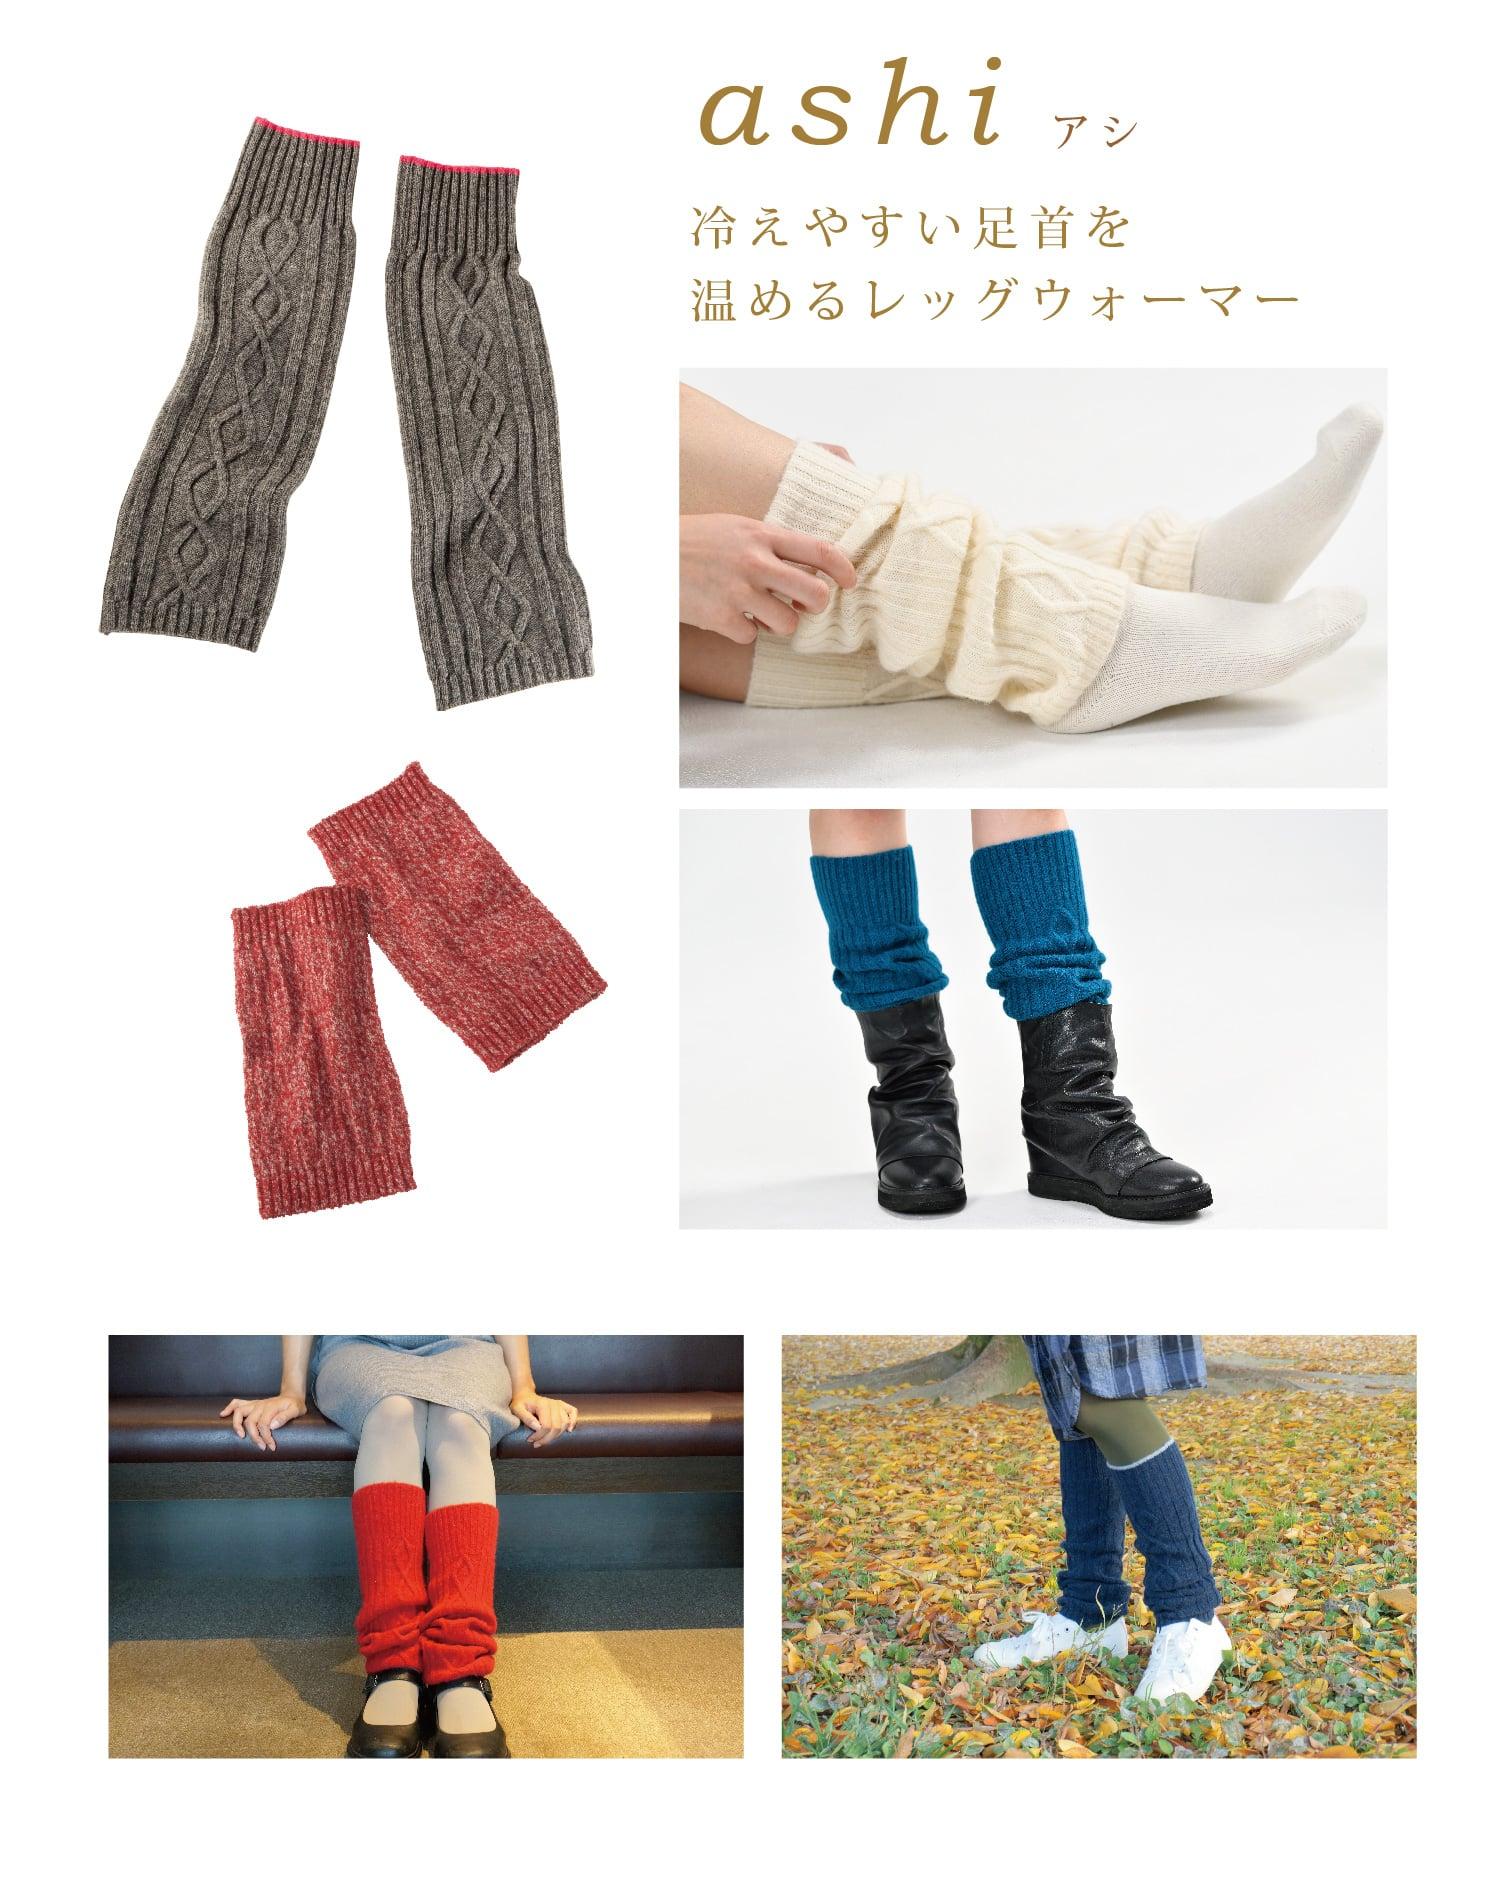 冷えやすい足首を温めるレッグウォーマー ashi(あし)